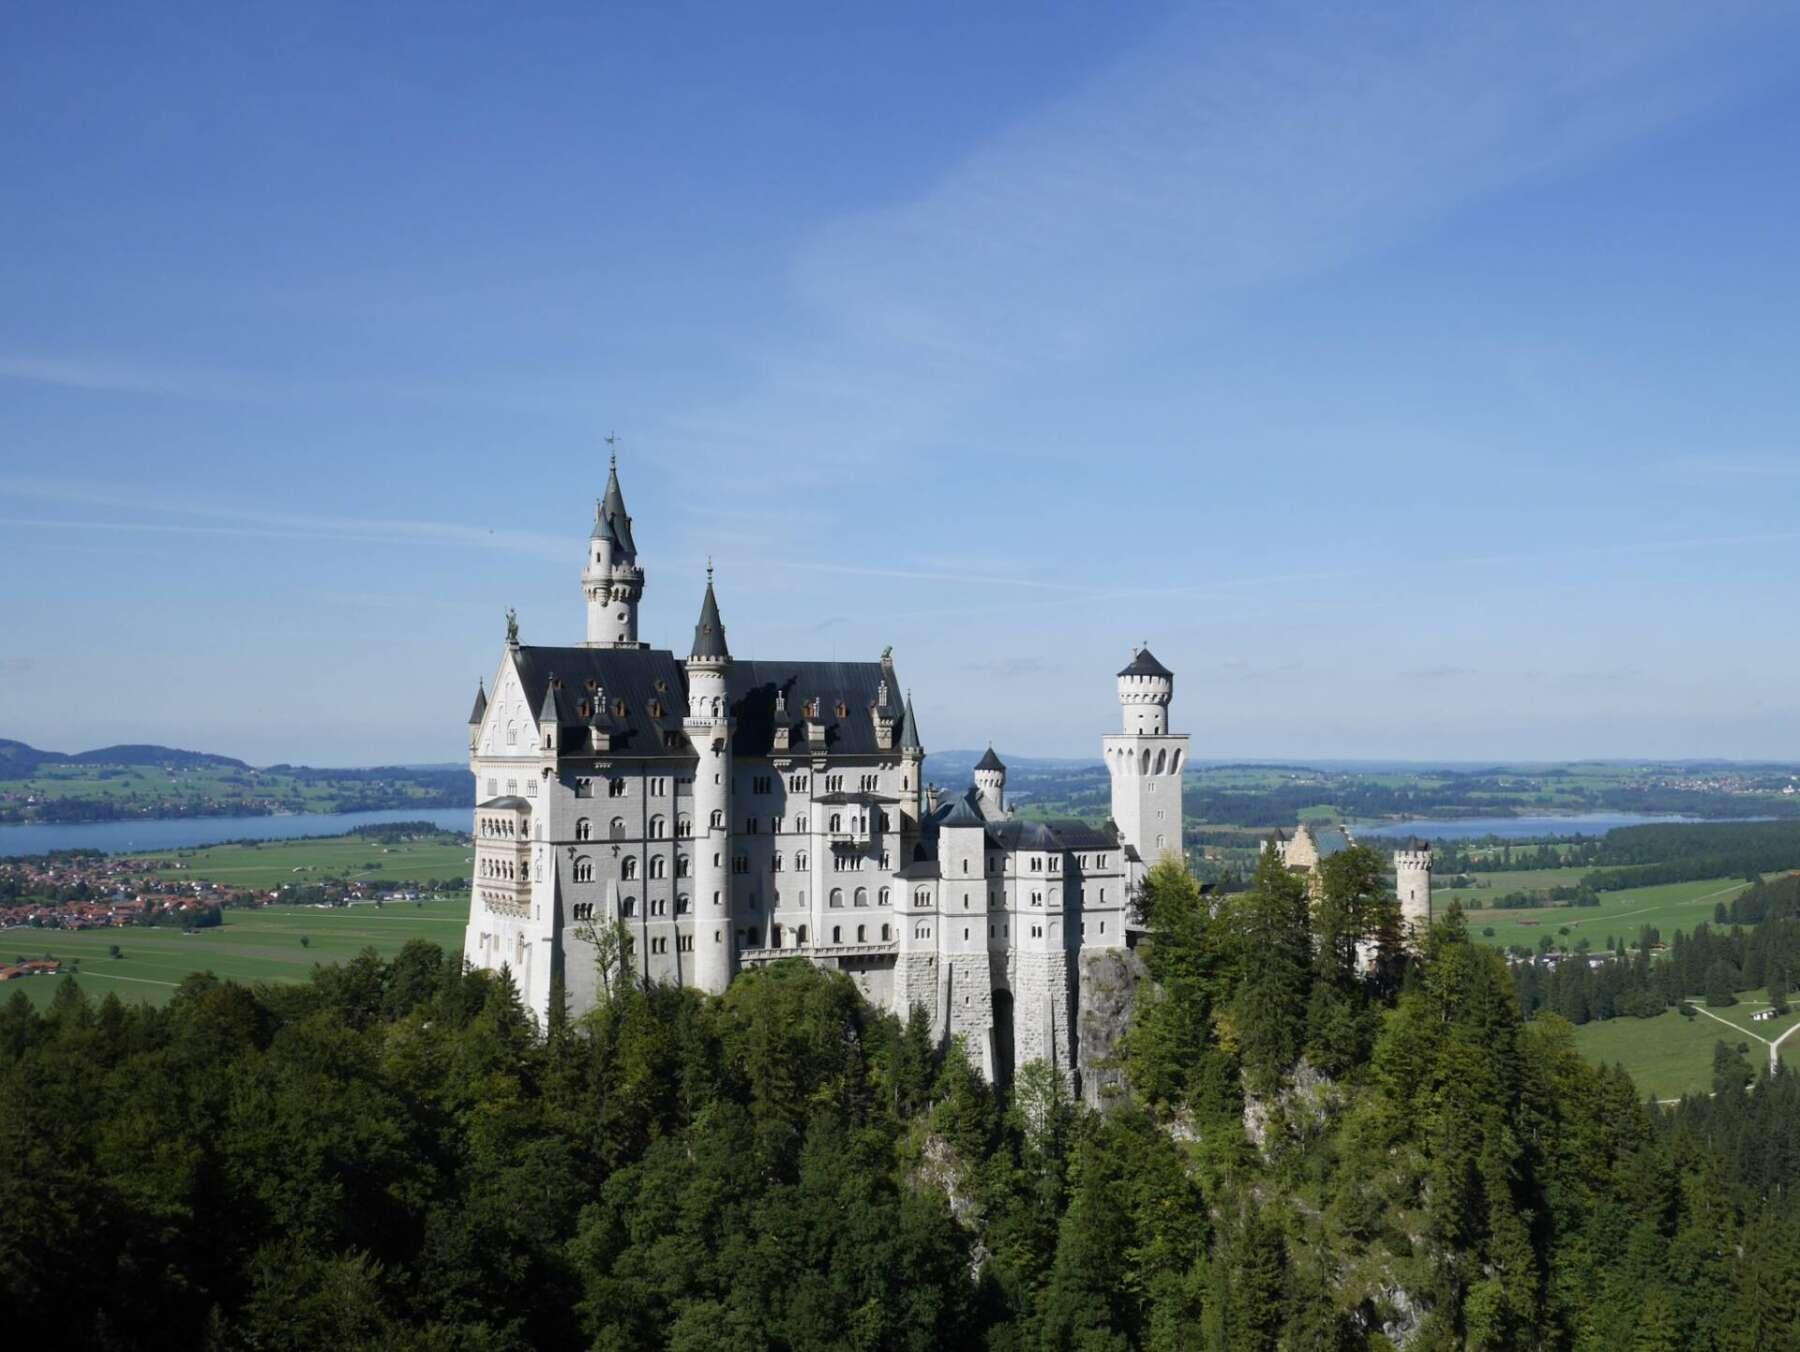 ปราสาทนอยชวานสไตน์ (Neuschwanstein castle)